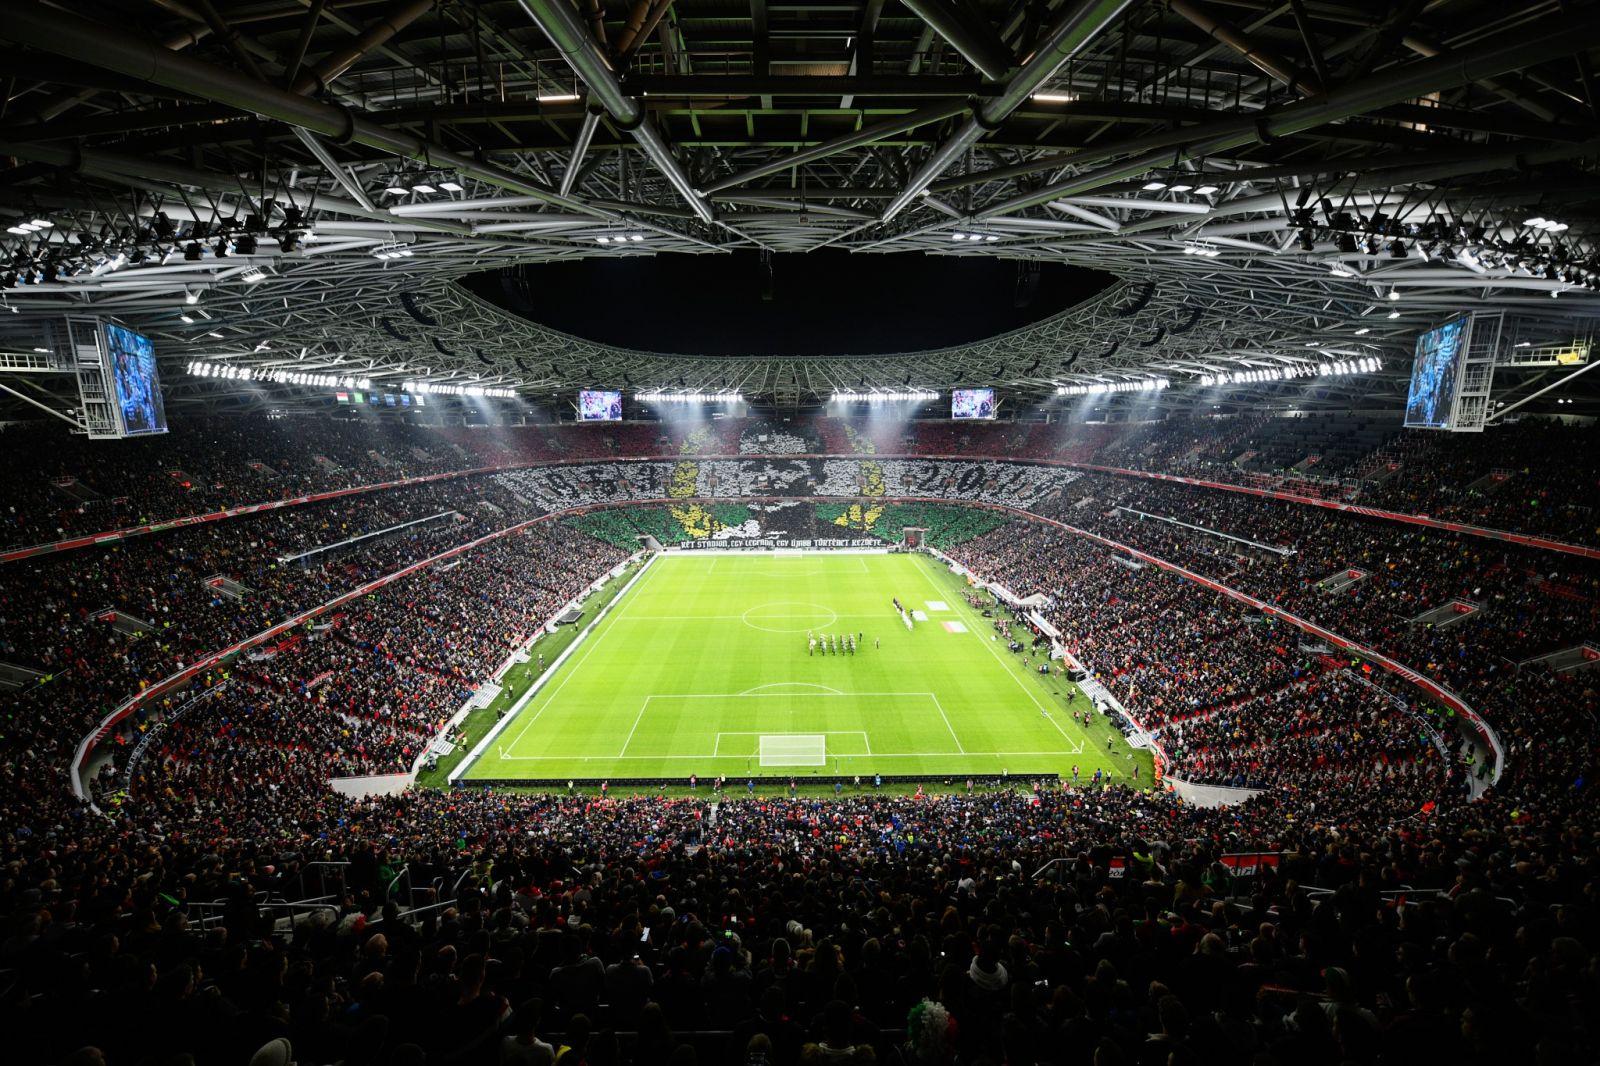 Magyarország Romániával játszhat az Európa-bajnokságra való kijutásért?